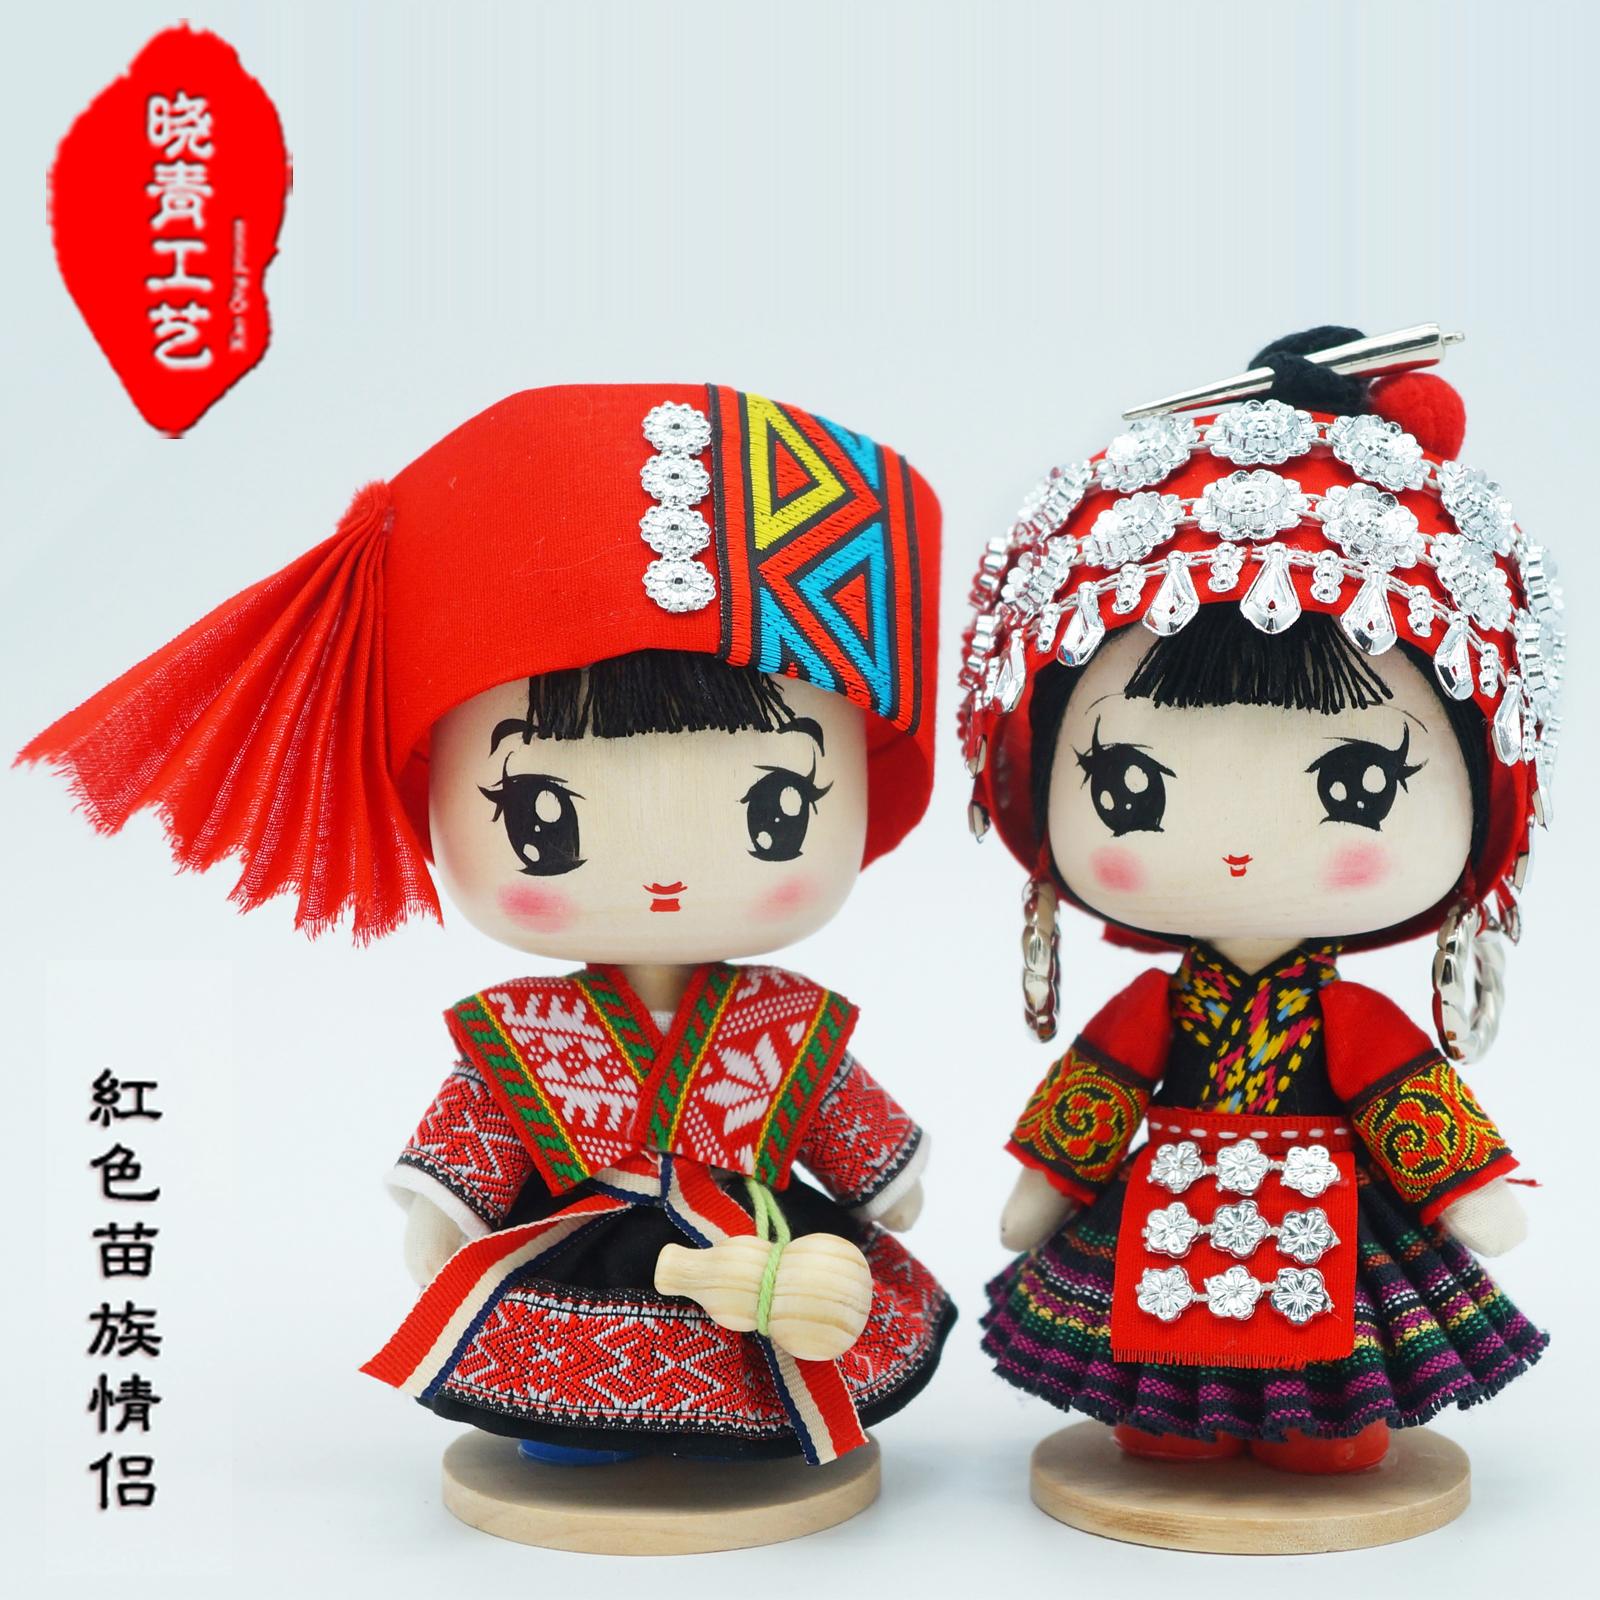 晓青工艺 17cm盛装苗族娃娃 民族娃娃 中国特色手工艺品教学教具